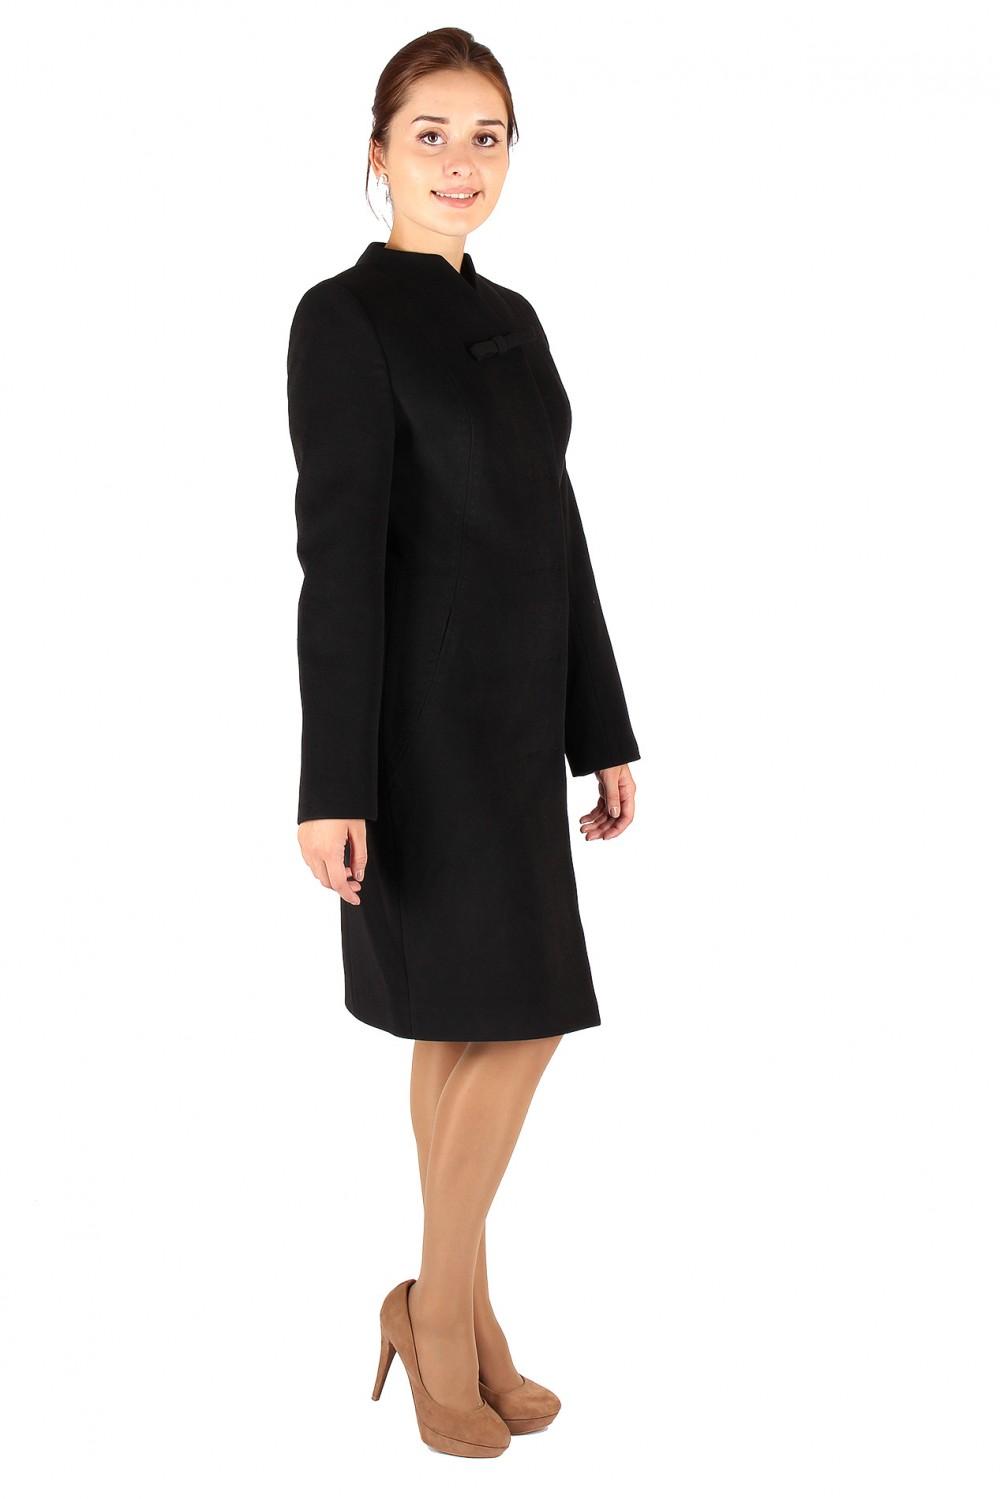 Купить оптом Пальто женское черного цвета 391Ch в Челябинске